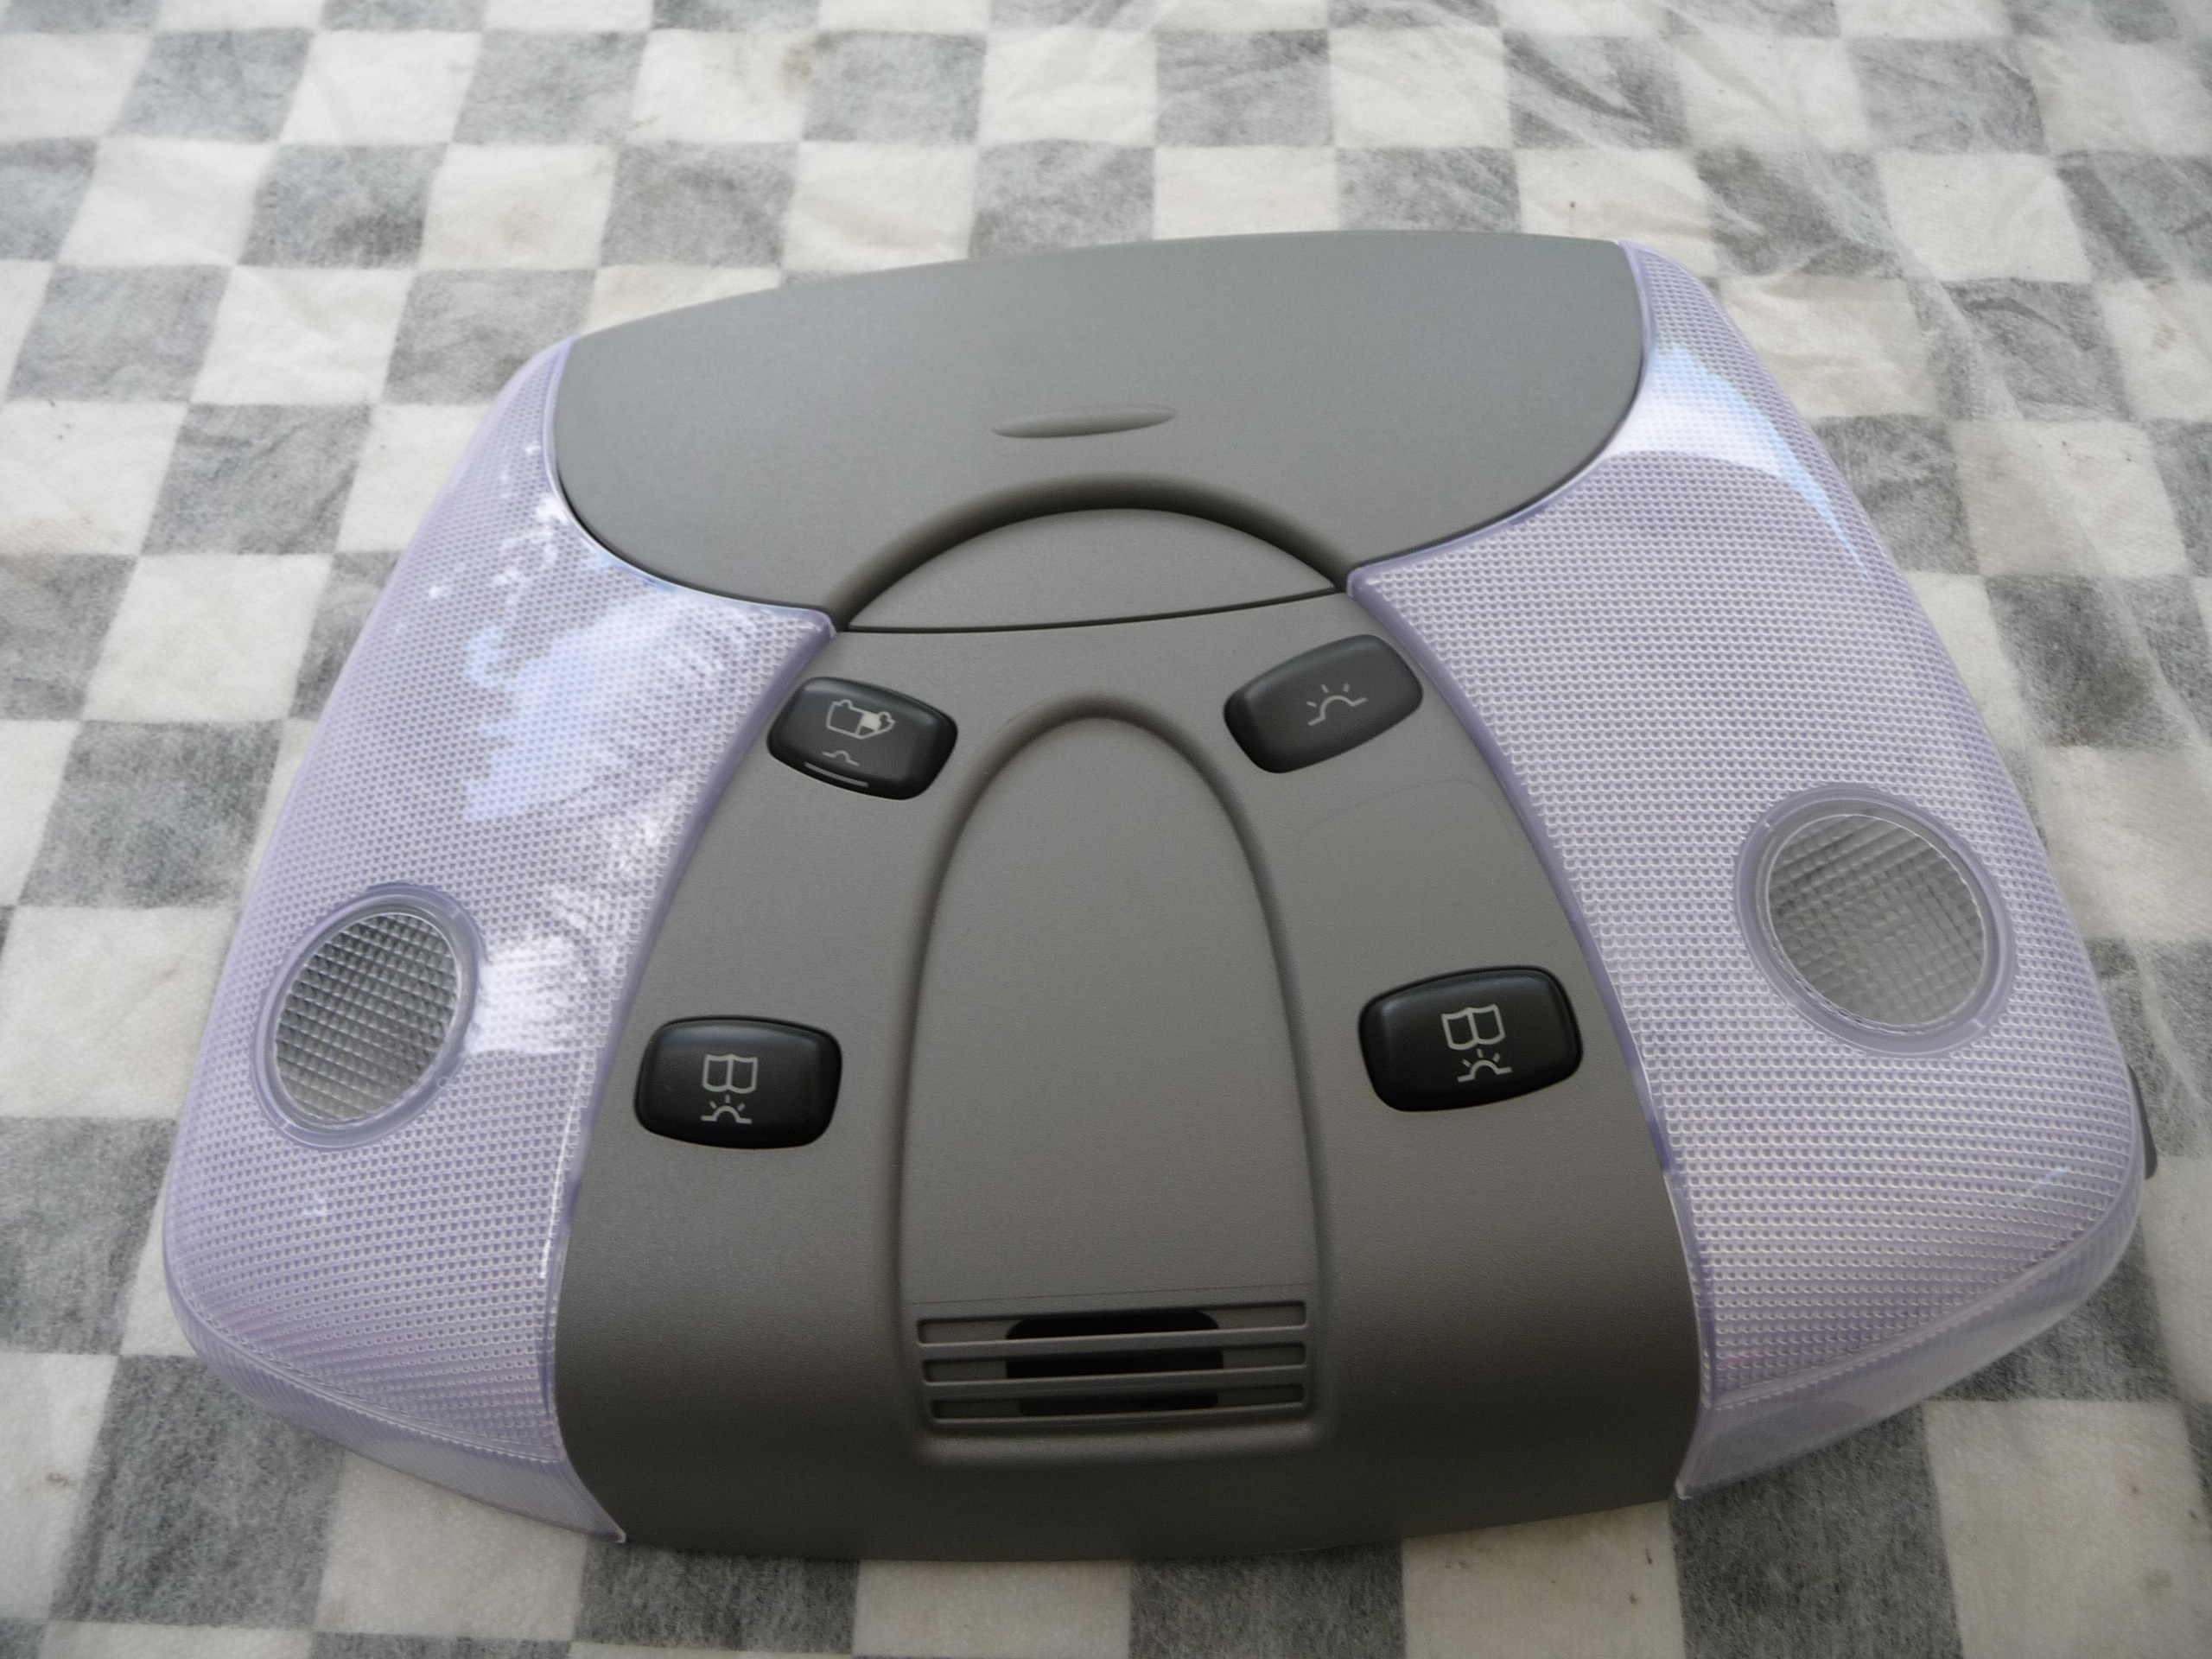 Mercedes Benz Sprinter Interior Lamp Light A9068200001 7J69 OEM A1